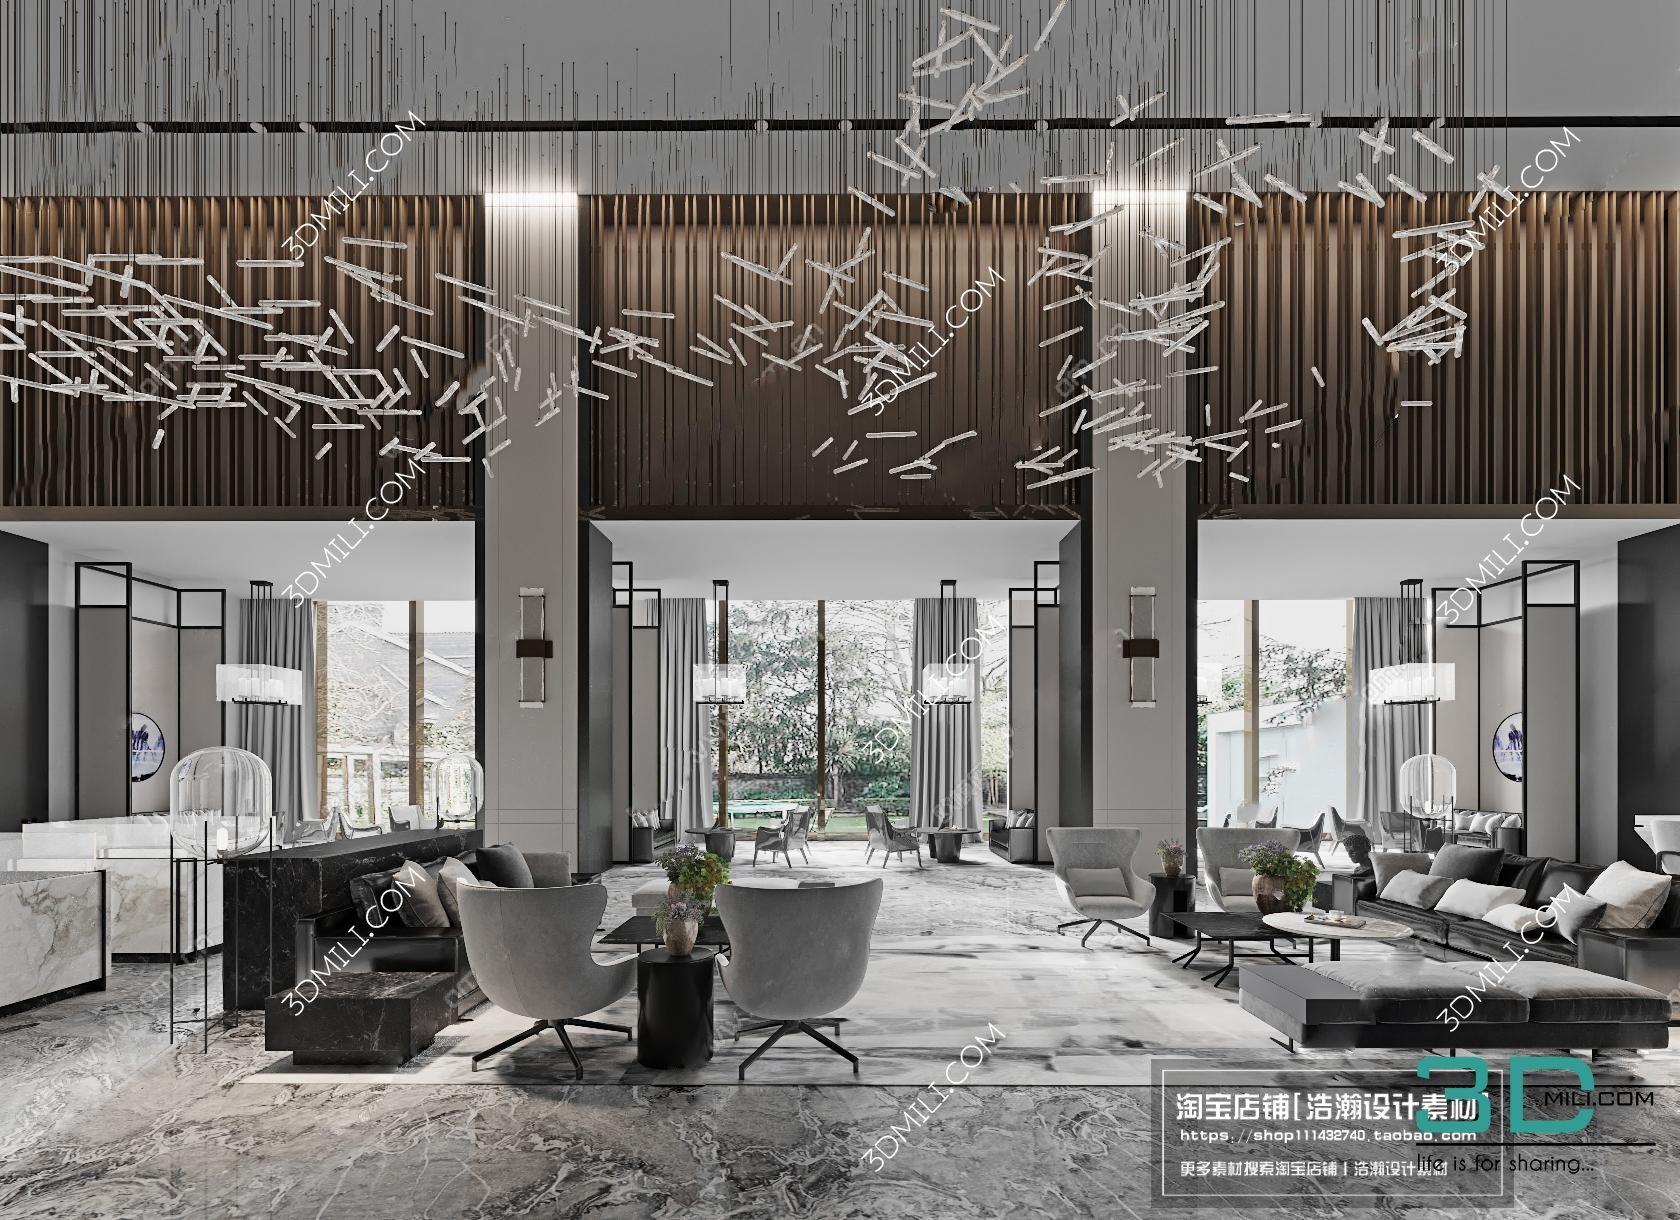 Album Offices Interior Sales Department 2018 - 3dmax - 3D Mili